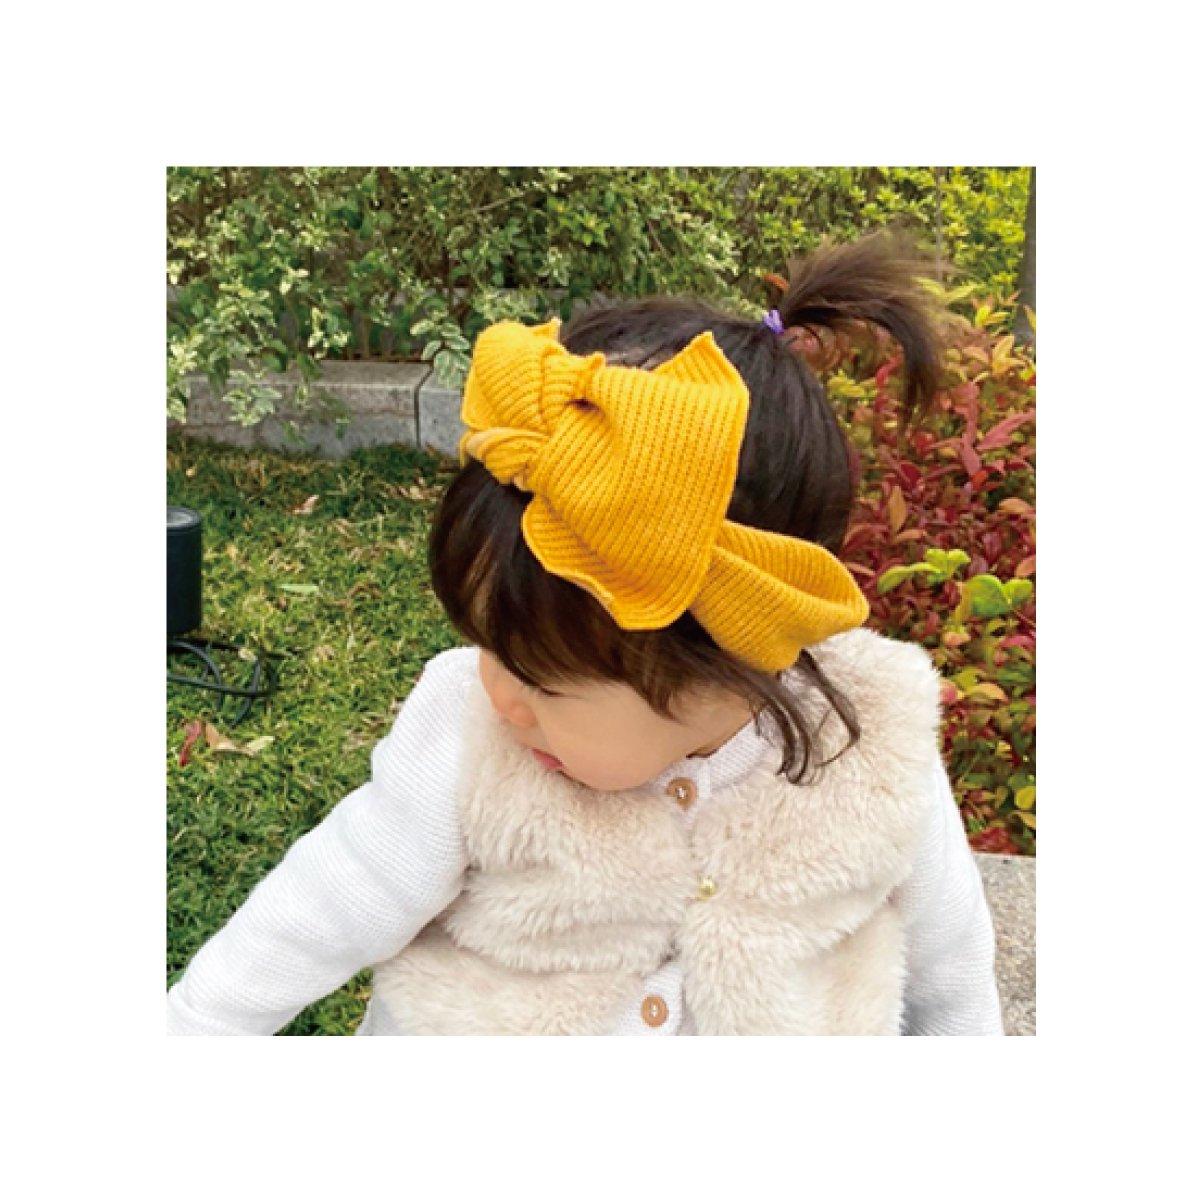 【BABY】Baby Knit Turban 詳細画像5